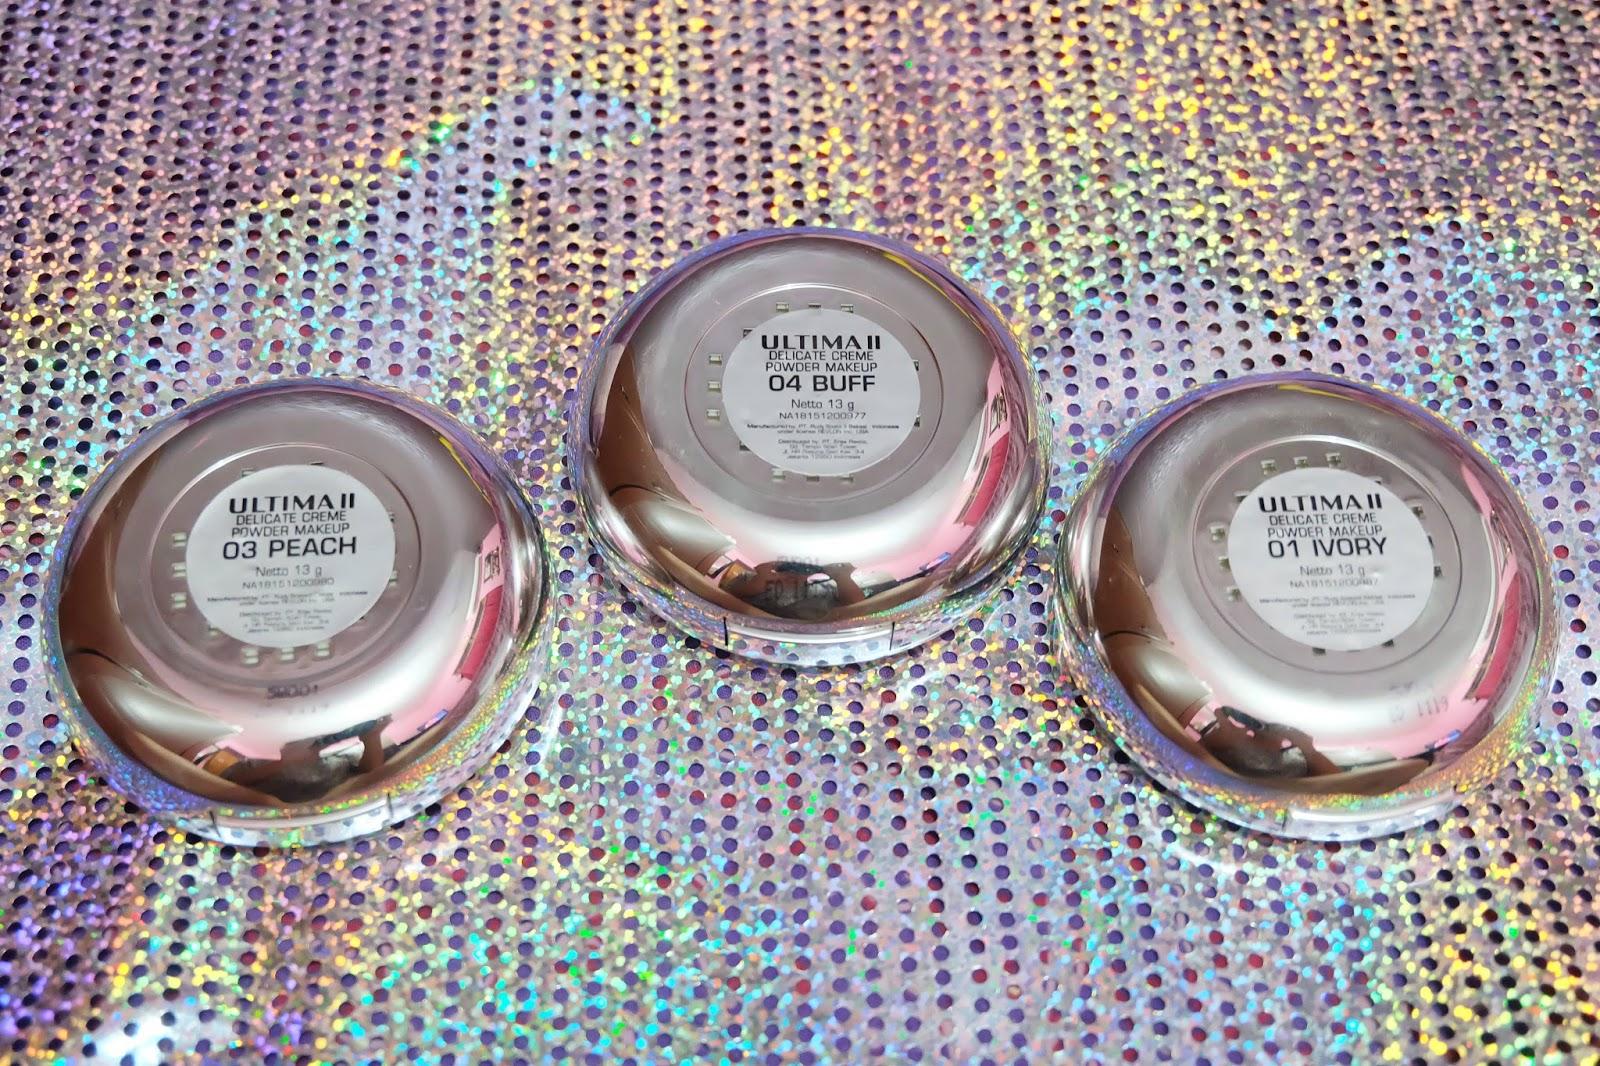 Review Ultima Ii Delicate Crme Make Up Translucent Bedak Tabur Ukuran Besar 5 Shades